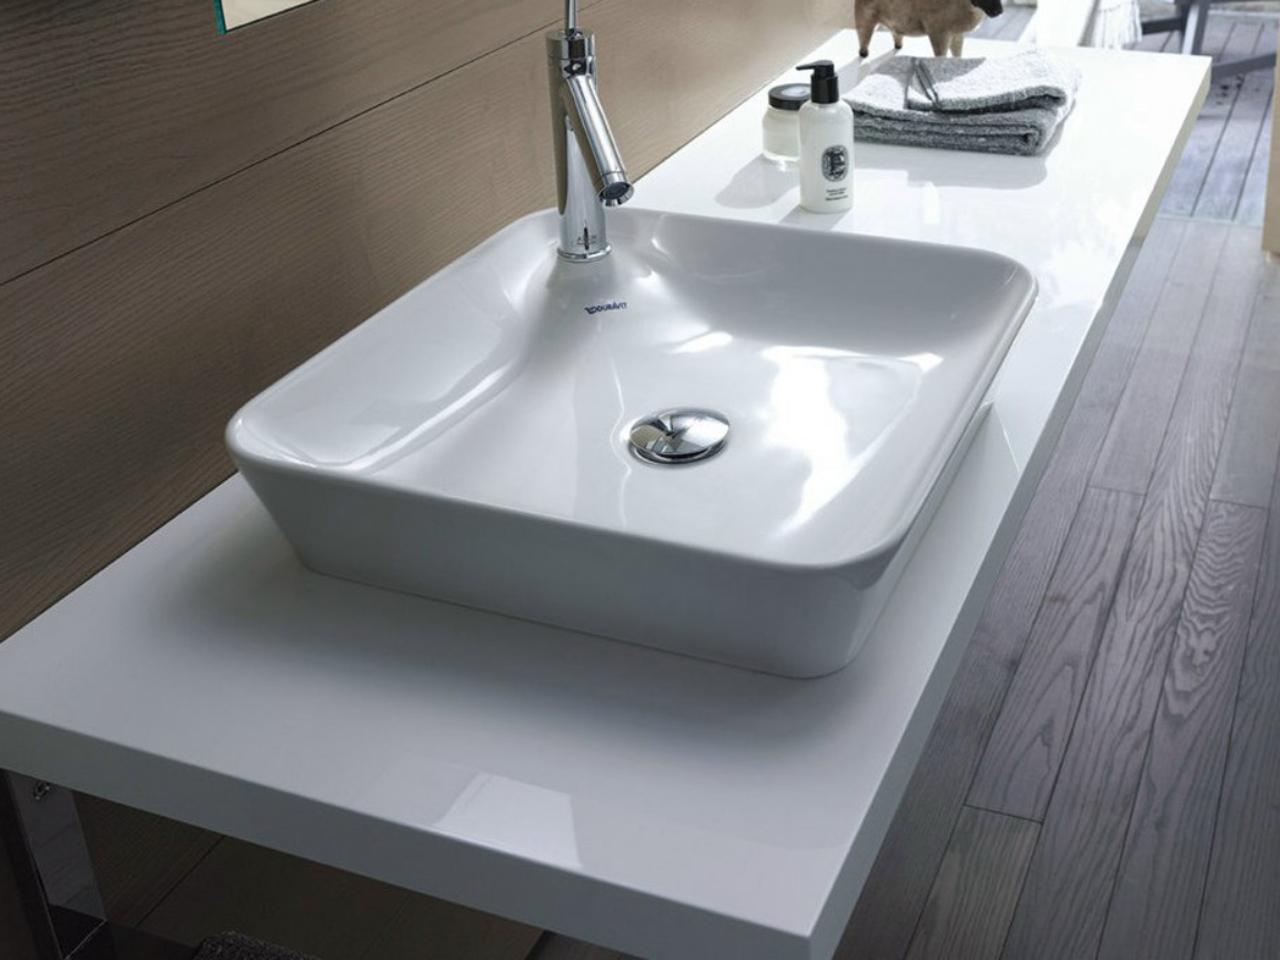 Piano Per Lavabo Da Appoggio lavabo sospeso o lavabo da appoggio? | bagnoidea